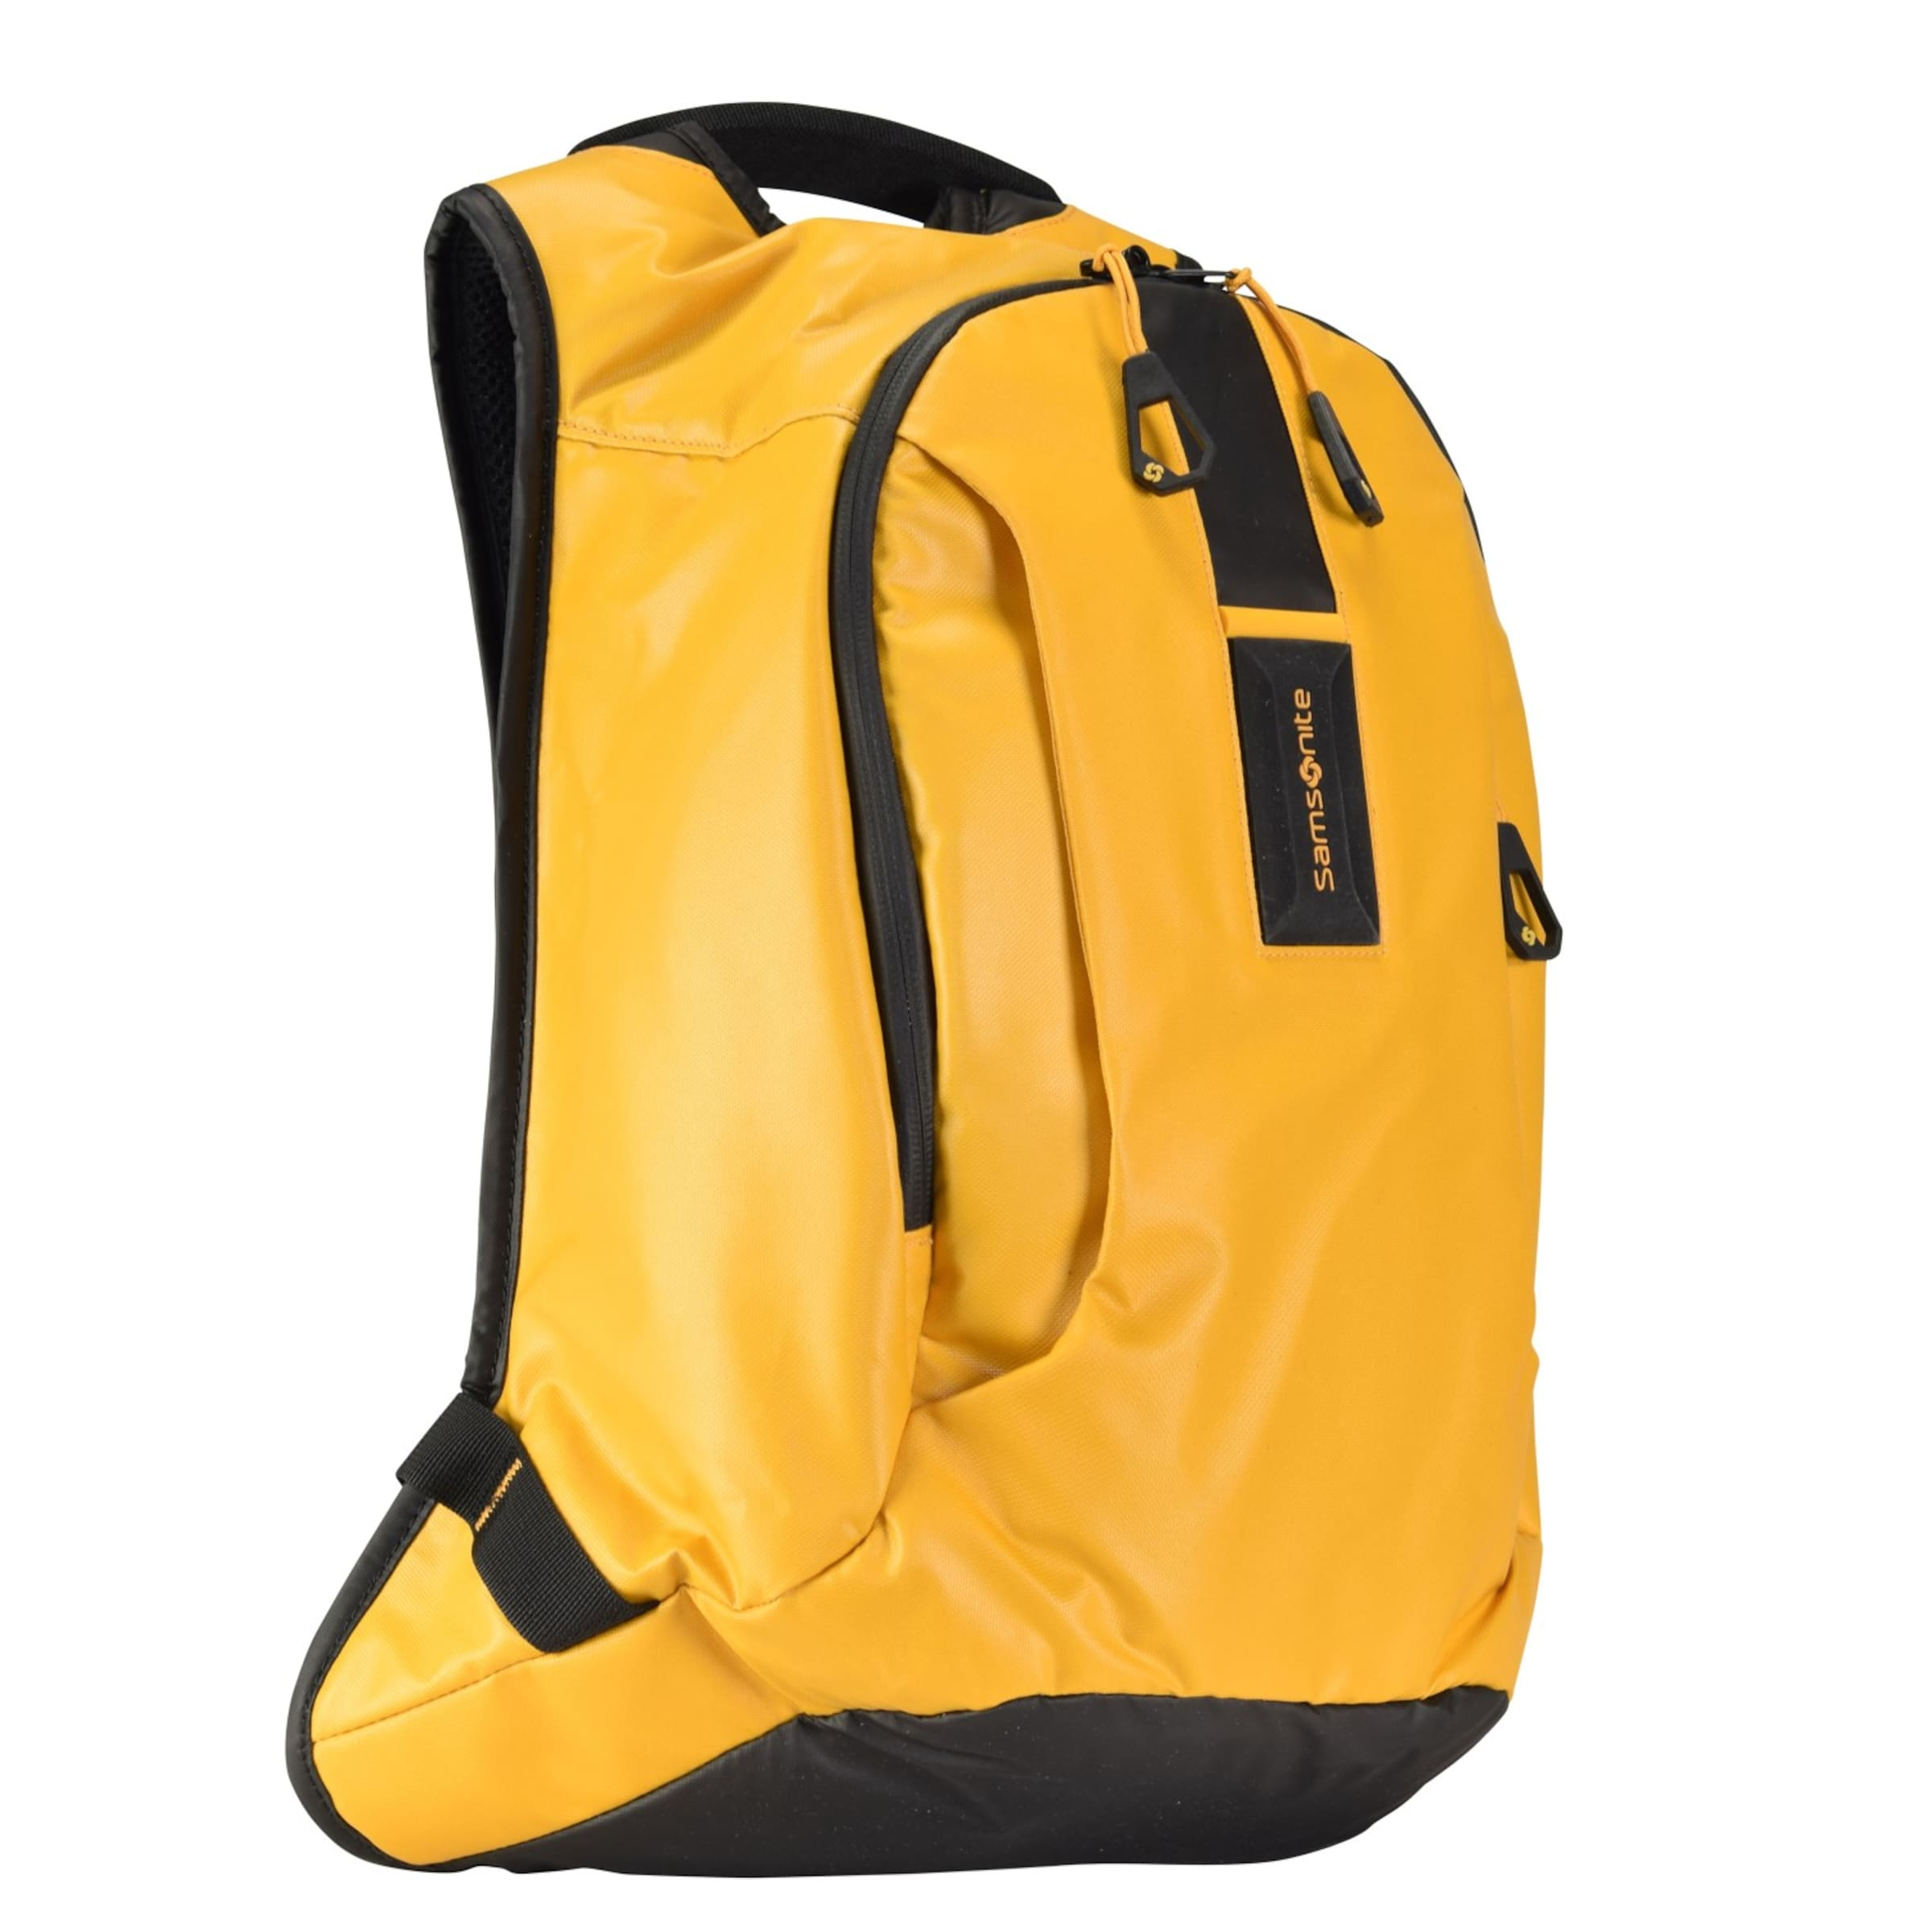 SAMSONITE Paradiver Light Rucksack 40 cm Günstig Kaufen Manchester Billig Perfekt Spielraum Wirklich Verkauf Der Billigsten Erschwinglich Zu Verkaufen pQxzg